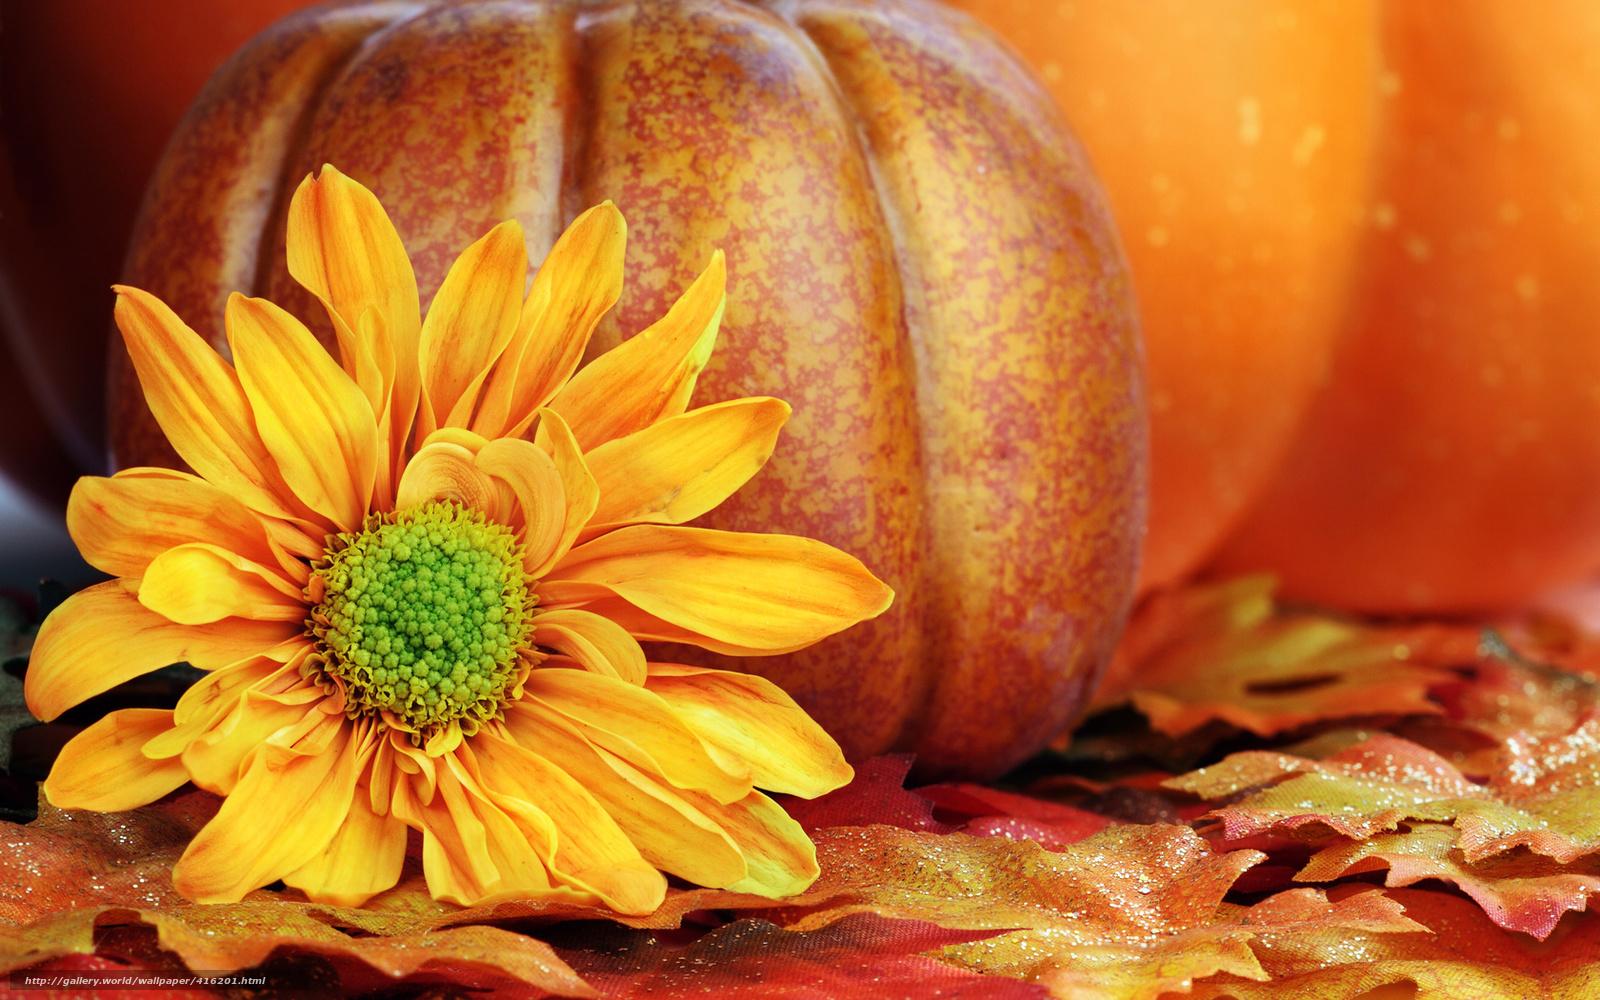 Fall Pumpkin Wallpaper and Screensavers - WallpaperSafari